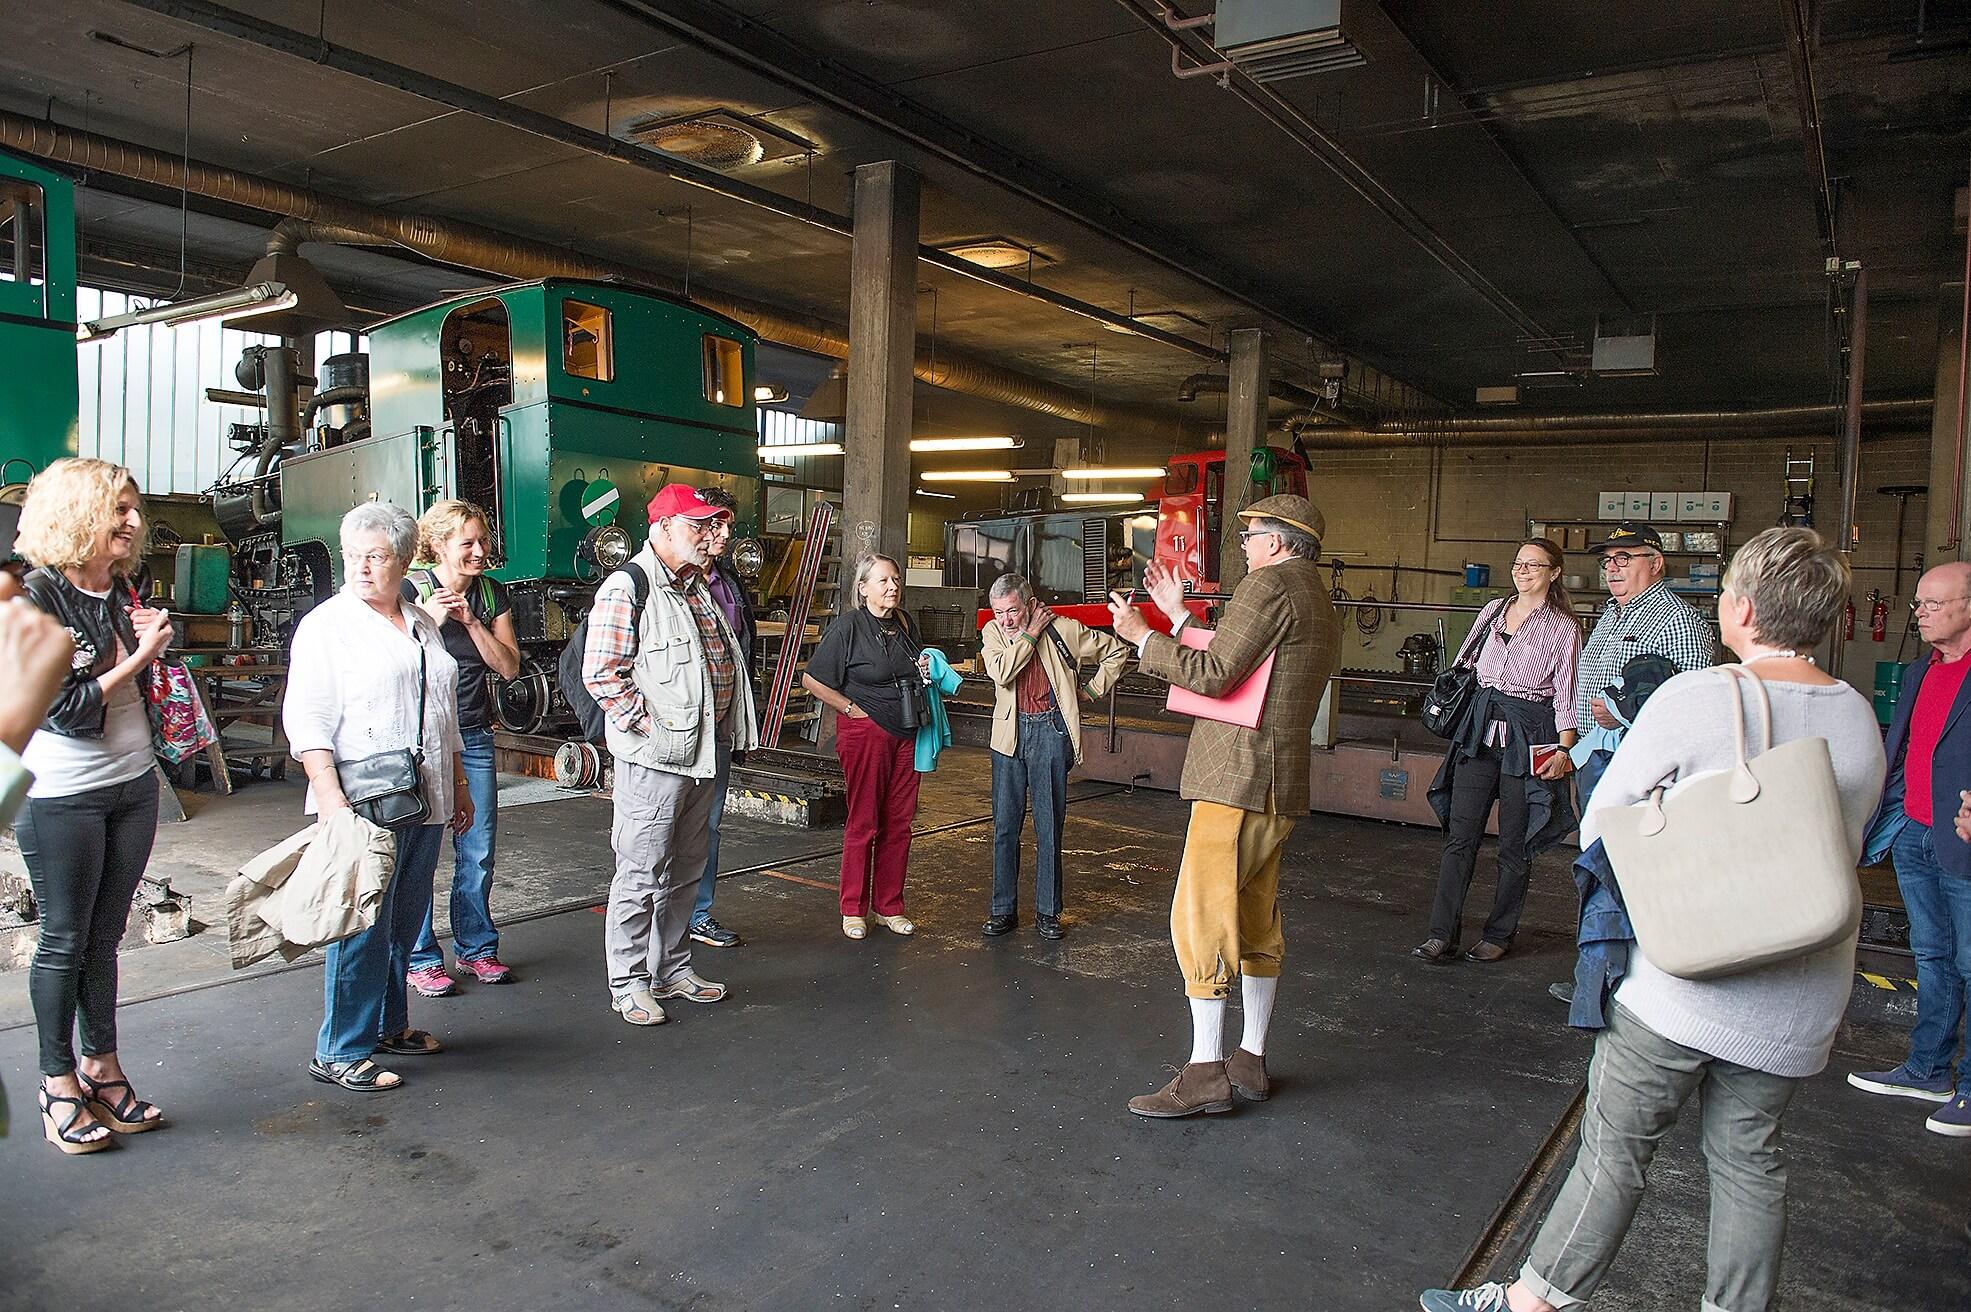 brienz-depotbesichtigung-brienz-rothorn-bahn-besucher